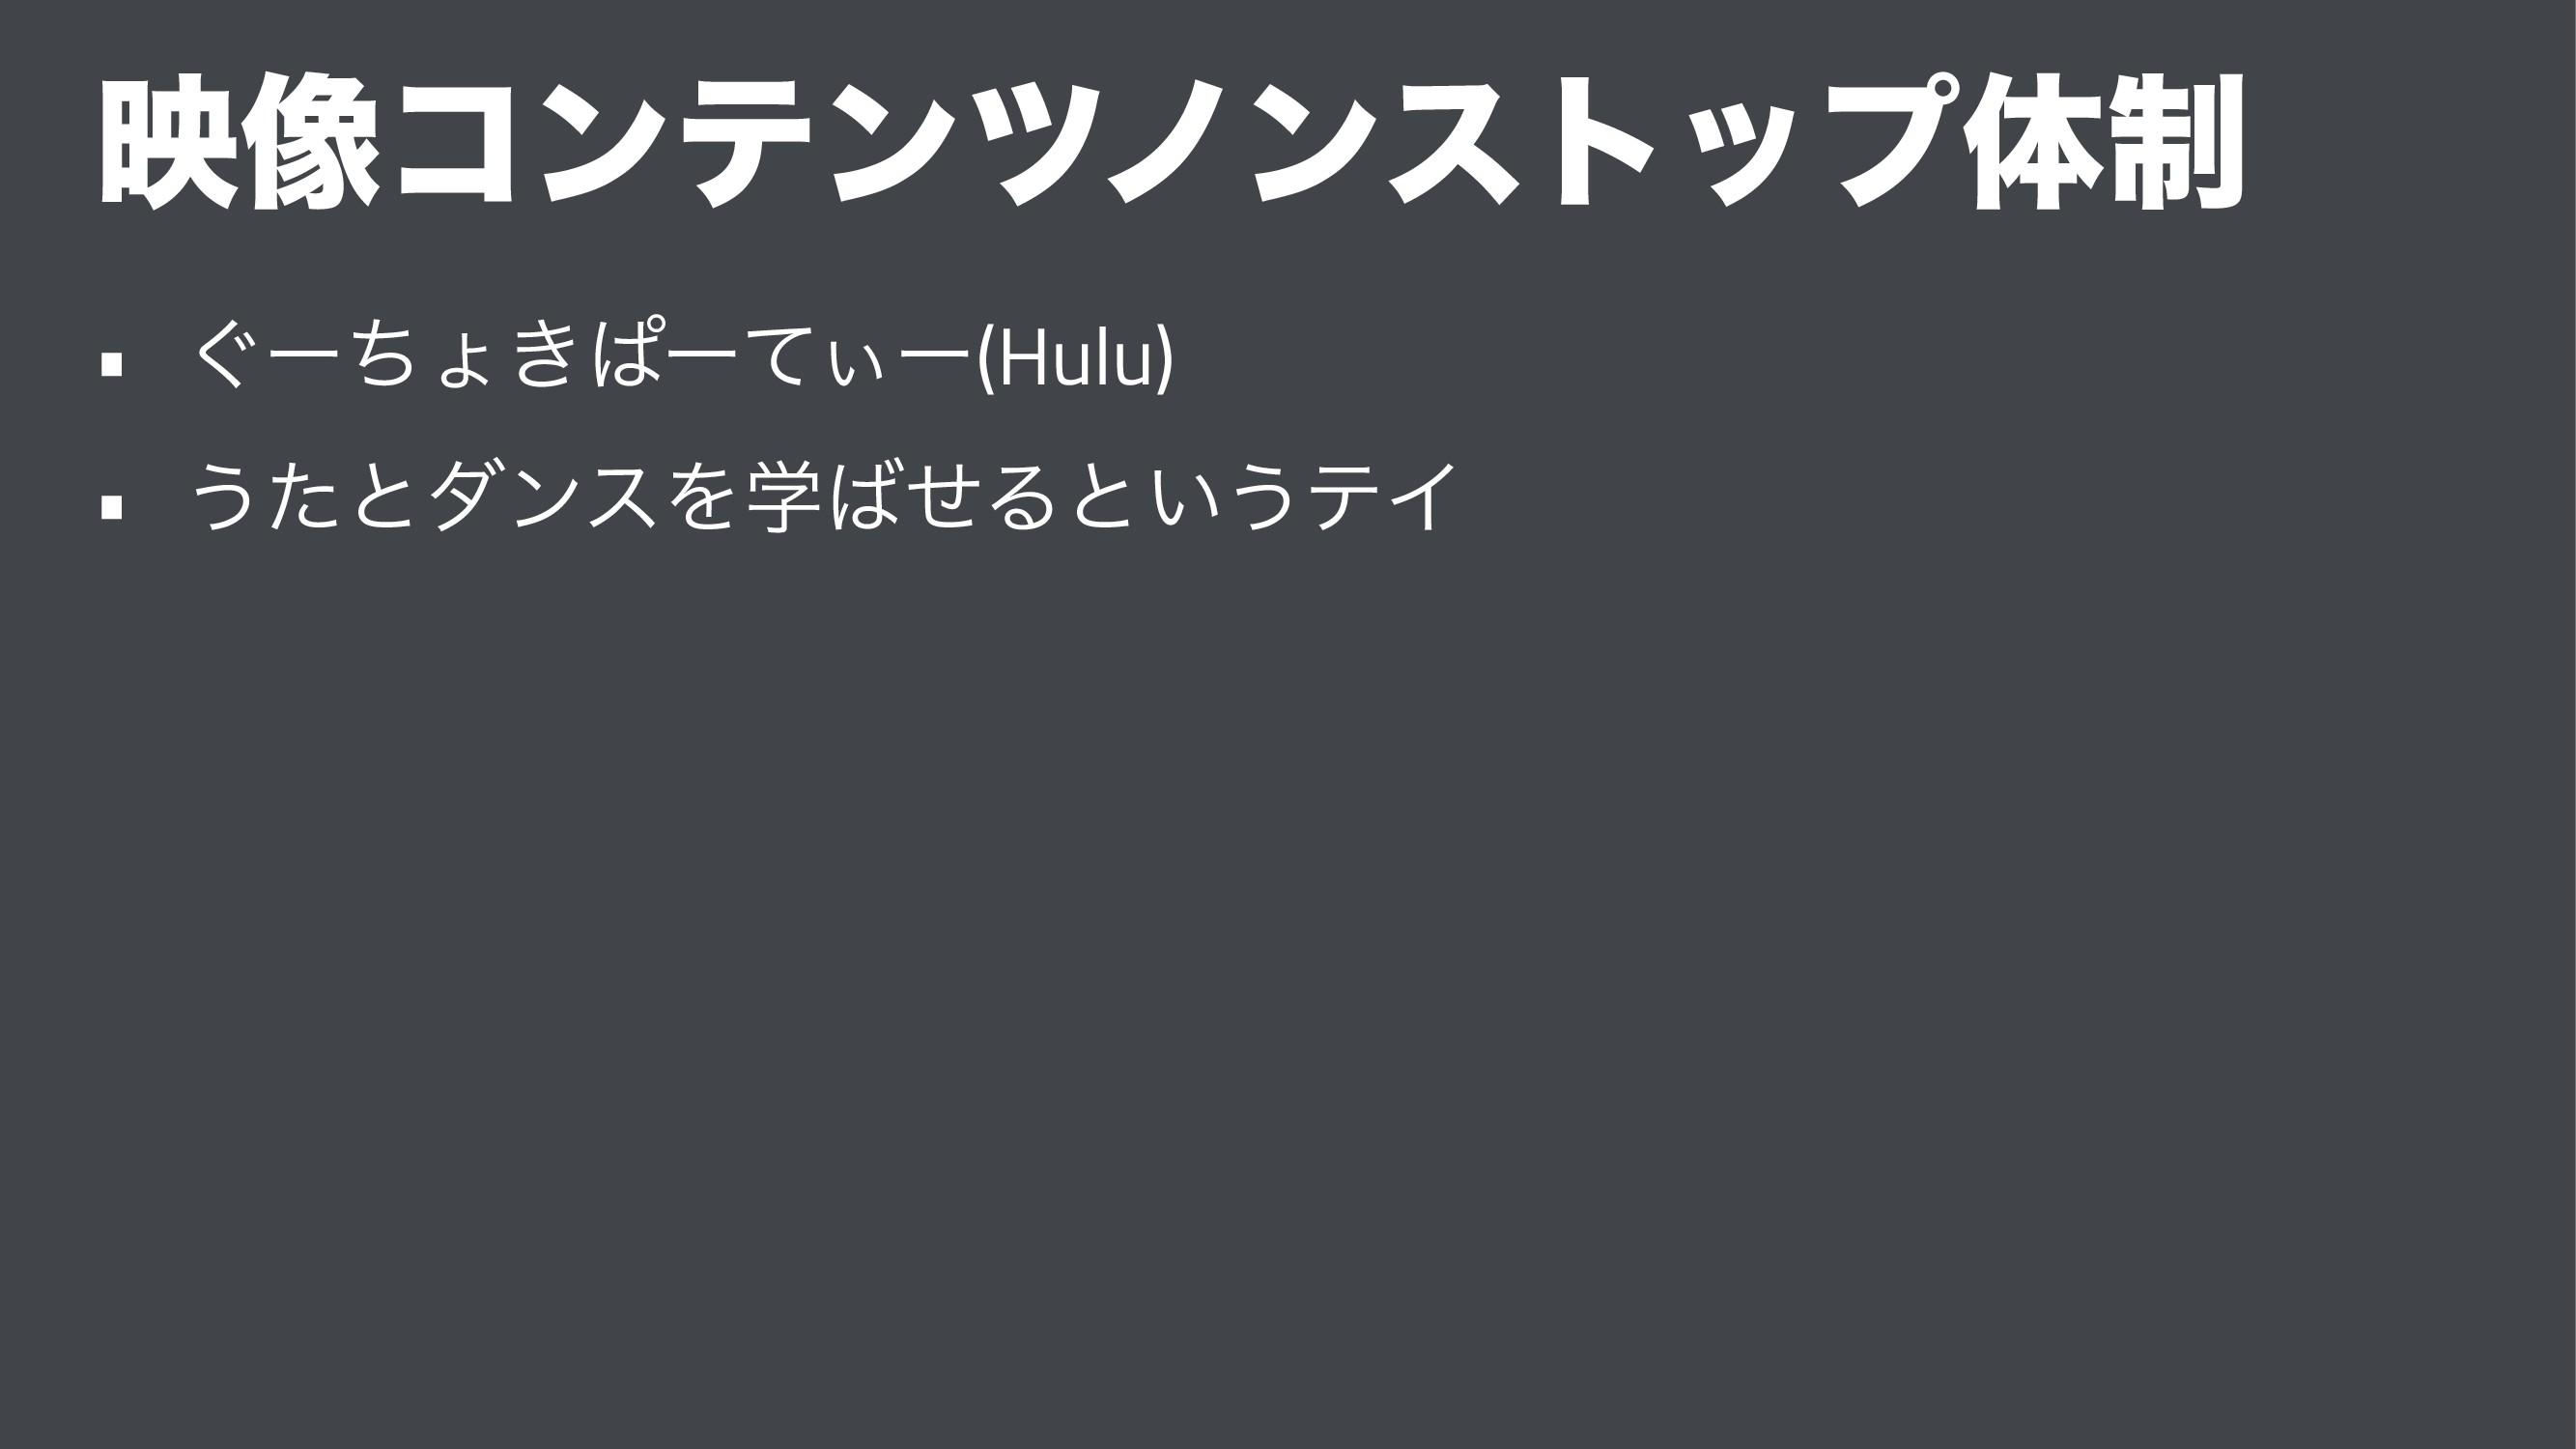 ө૾ίϯςϯπϊϯετοϓମ੍ • ͙ʔͪΐ͖ͺʔͯ͌ʔ(Hulu) • ͏ͨͱμϯεΛֶͤ...